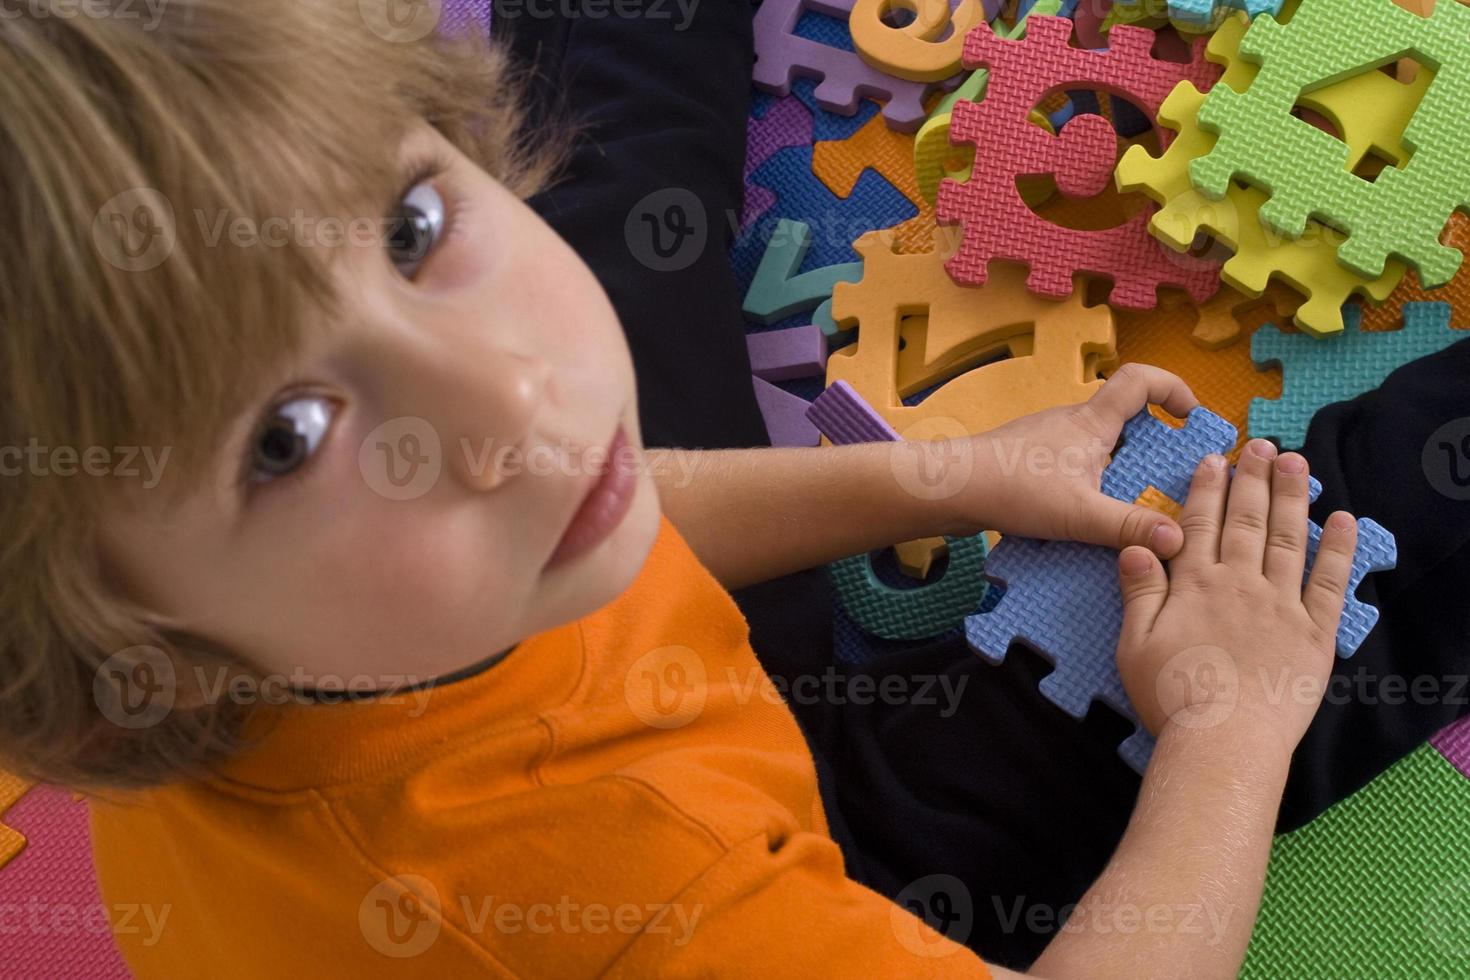 ragazzino gioca con i puzzle foto